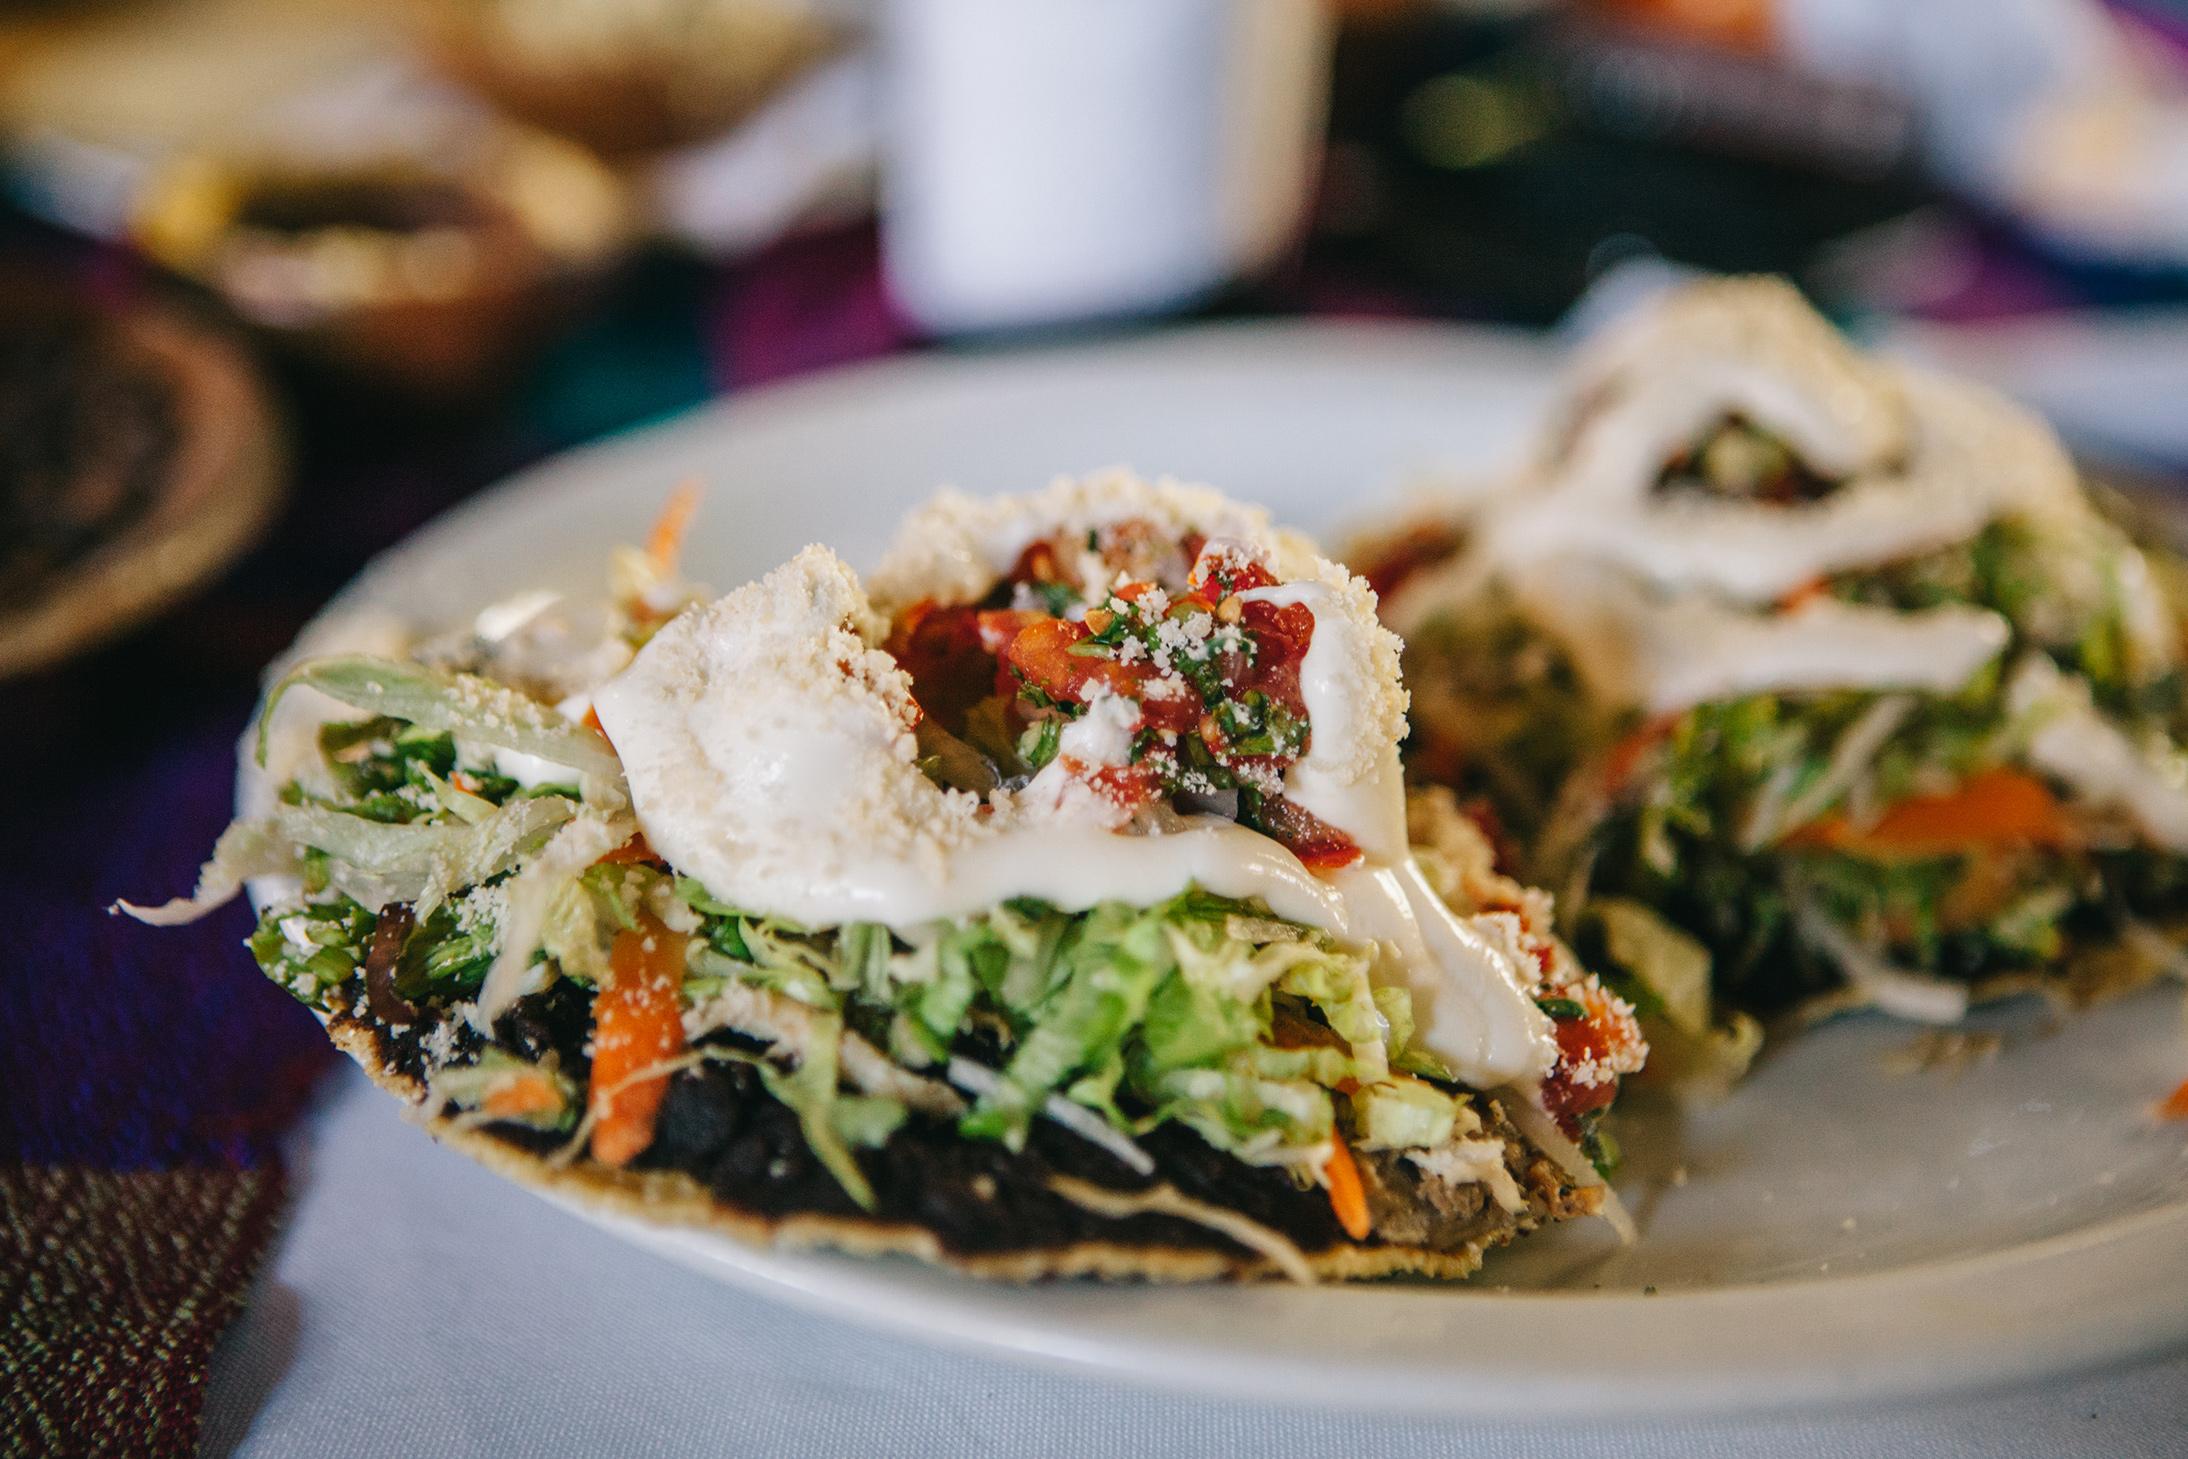 Enchiladas Salvadorenos, El Salvador